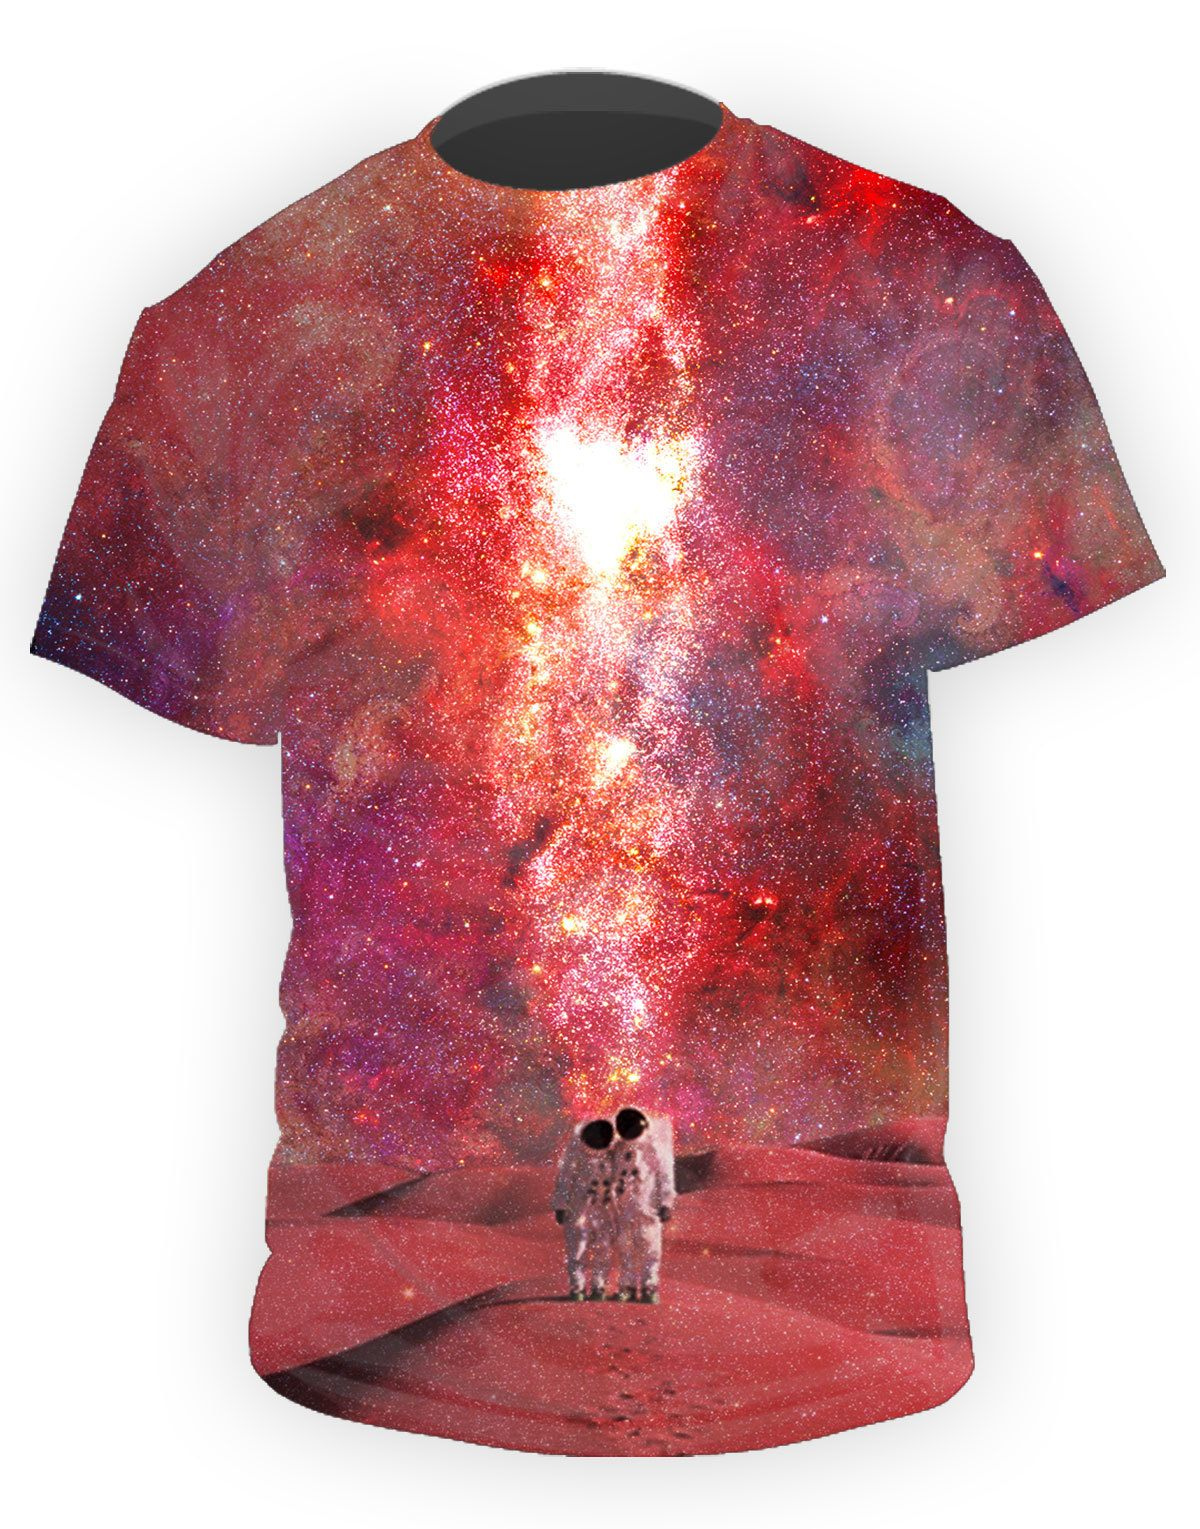 klutter-t-shirt-the-martians